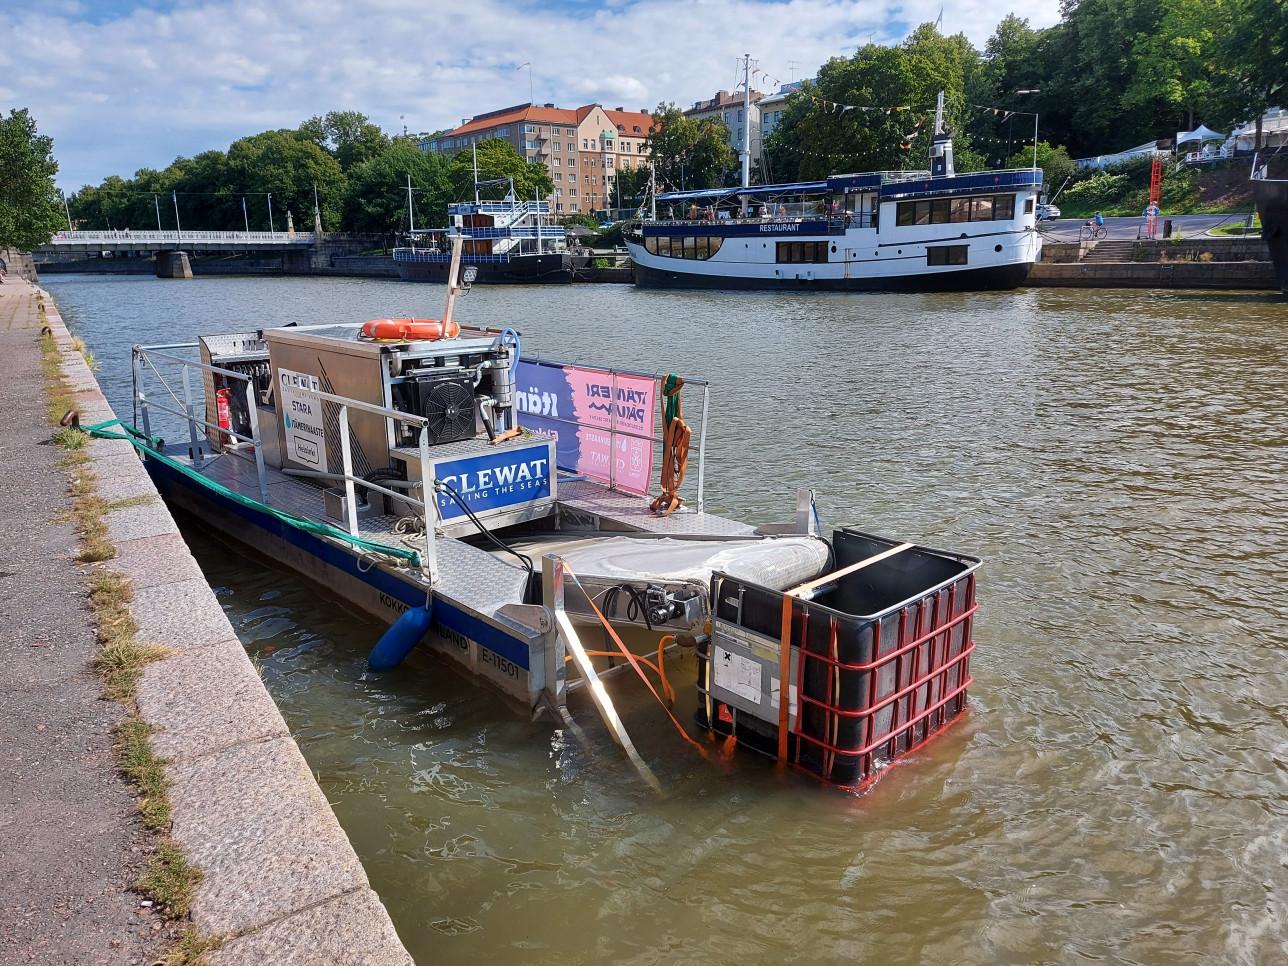 Cleansweep-alus Aurajoella. Aluksen perässä on liukuhihnamainen laite, joka kerää roskaa erilliseen astiaan. Aluksen kyydissä on kaksi ihmistä.